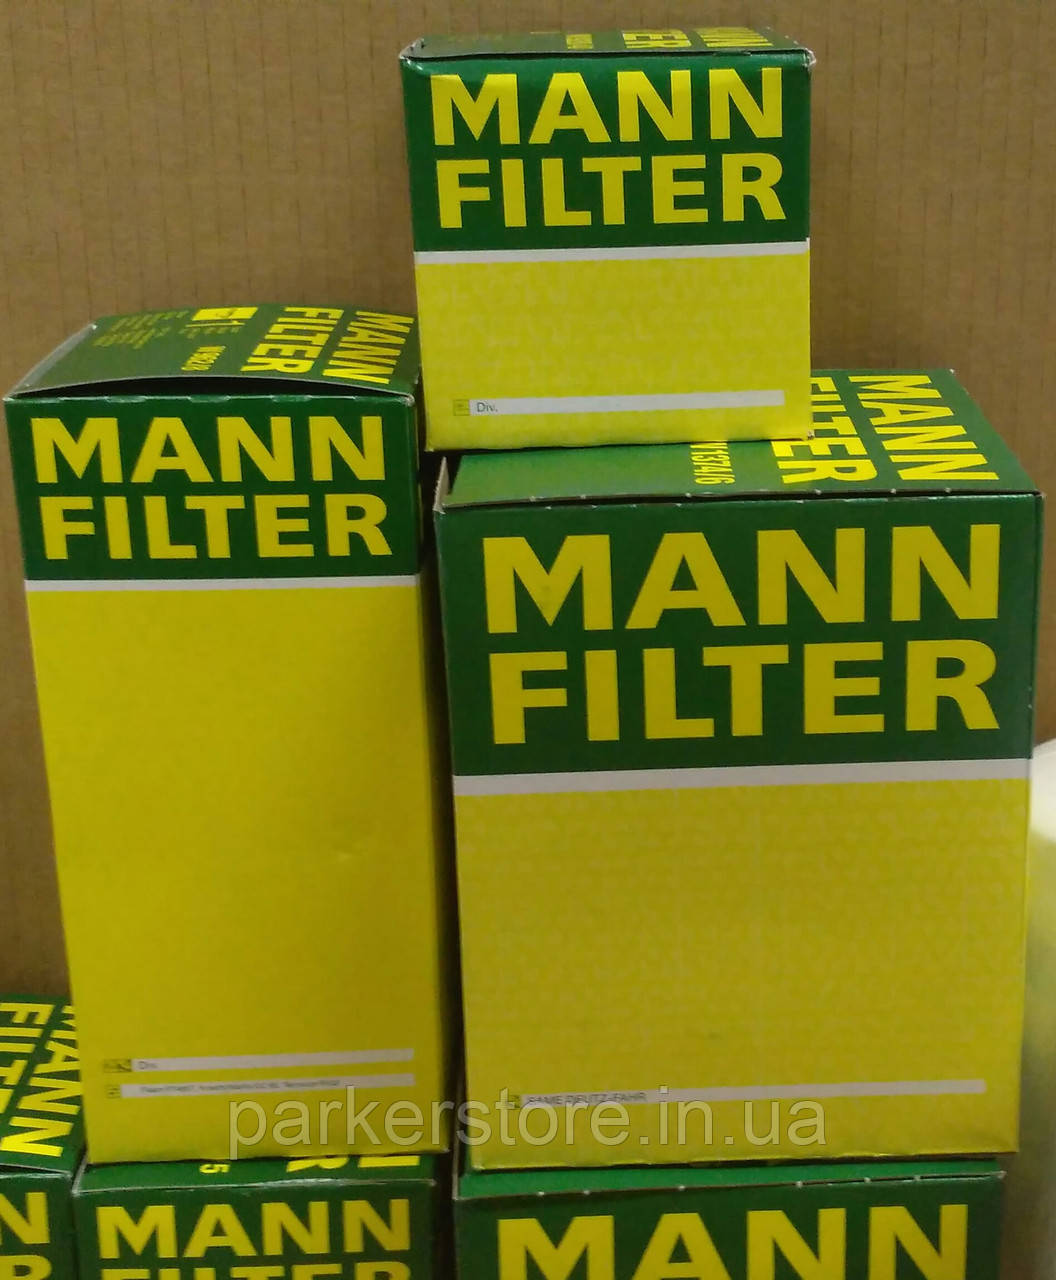 MANN FILTER / Повітряний фільтр / C 24 508/1 / C24508/1